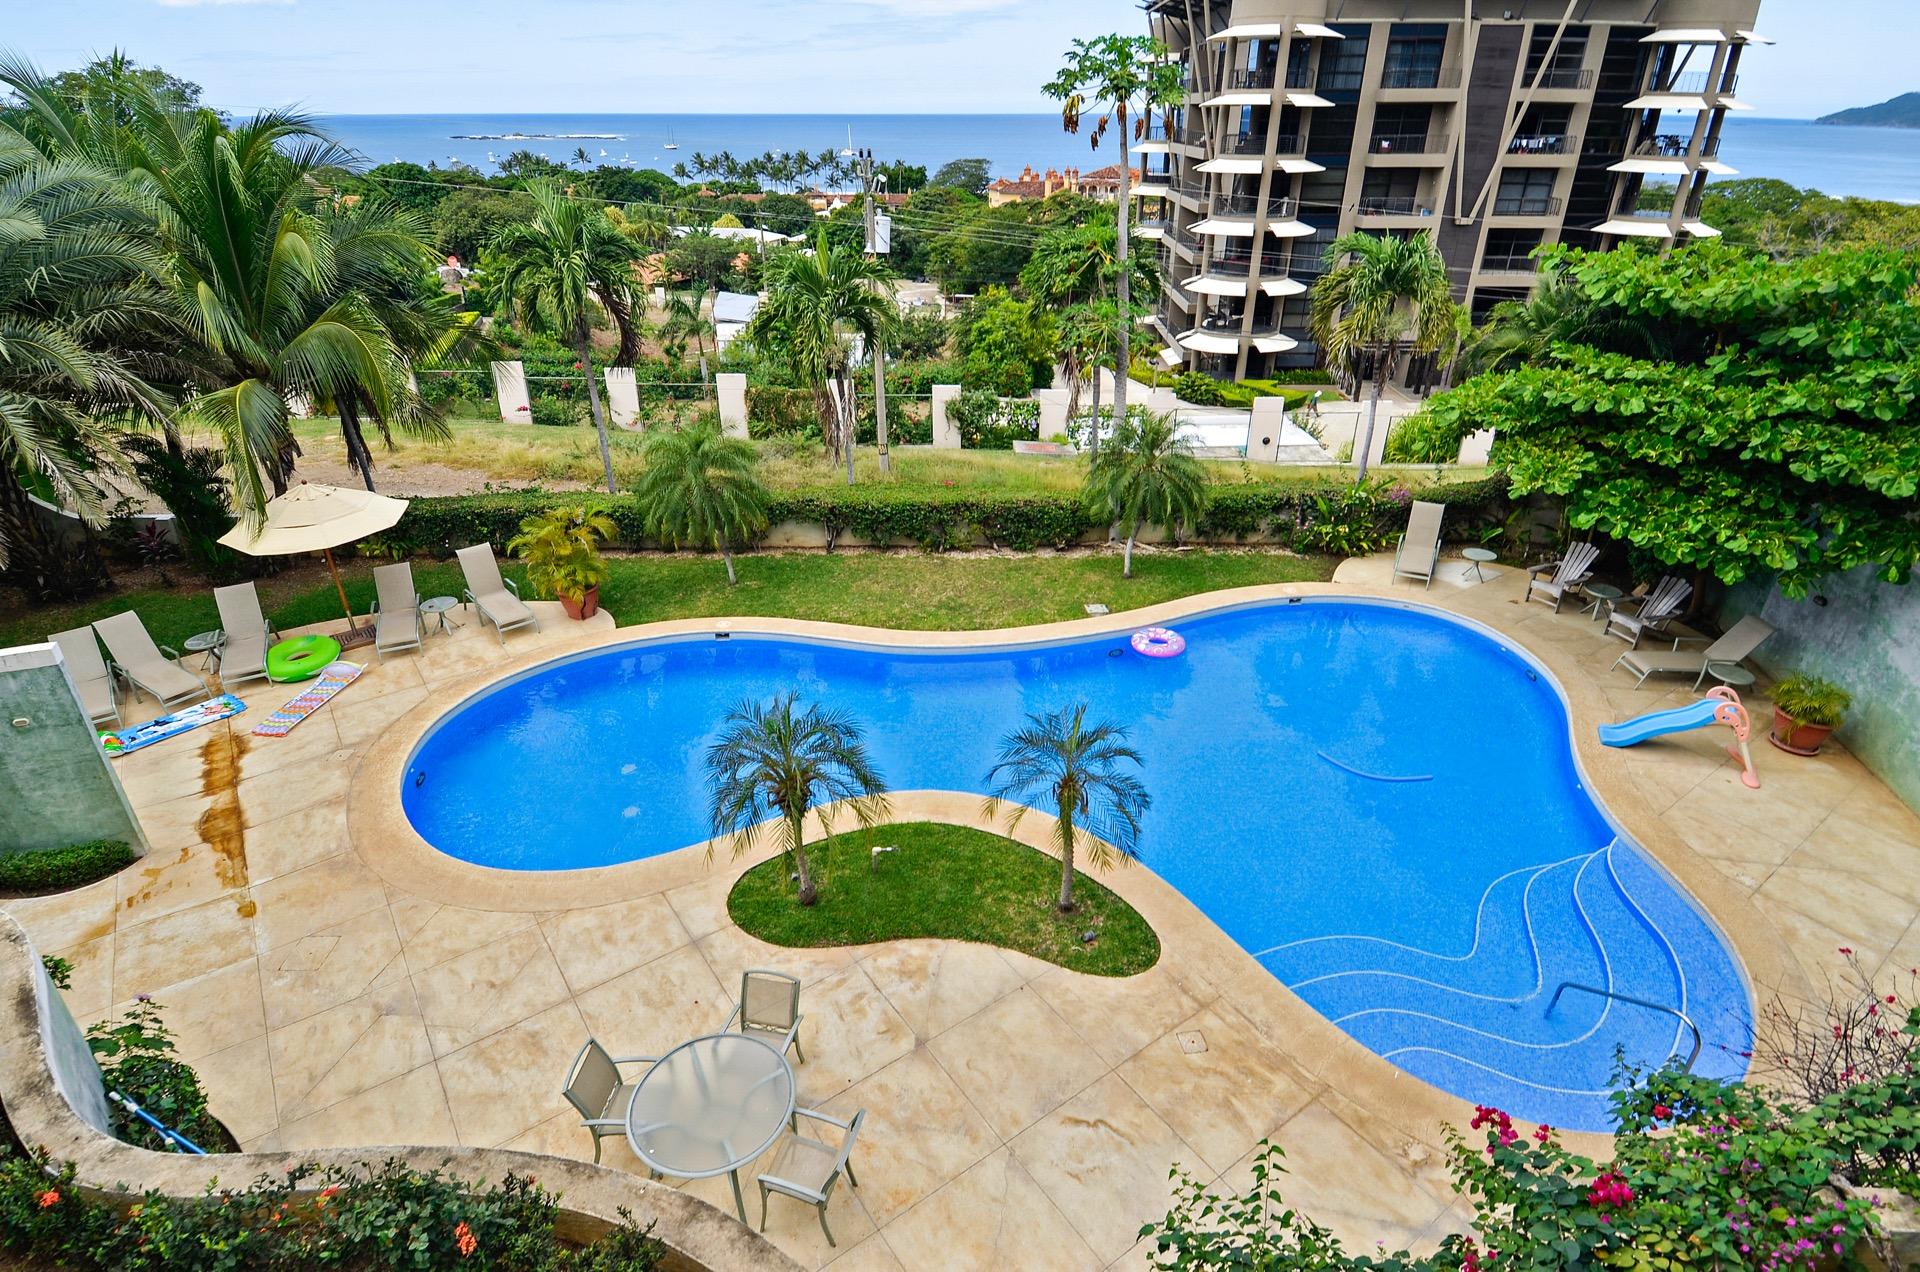 Huge communal pool with views